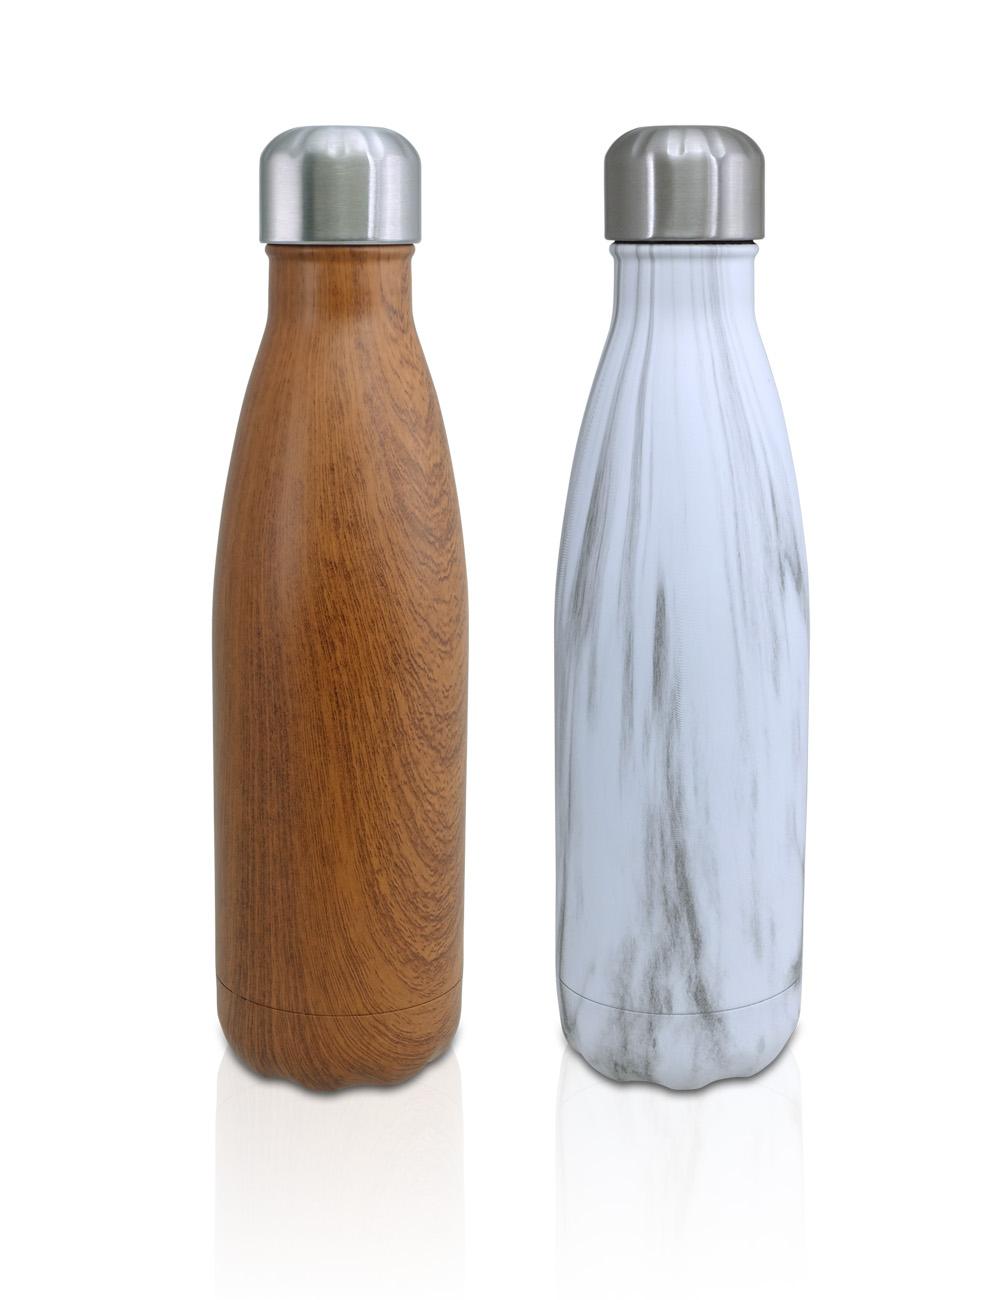 בקבוק טרמי מנירוסטה